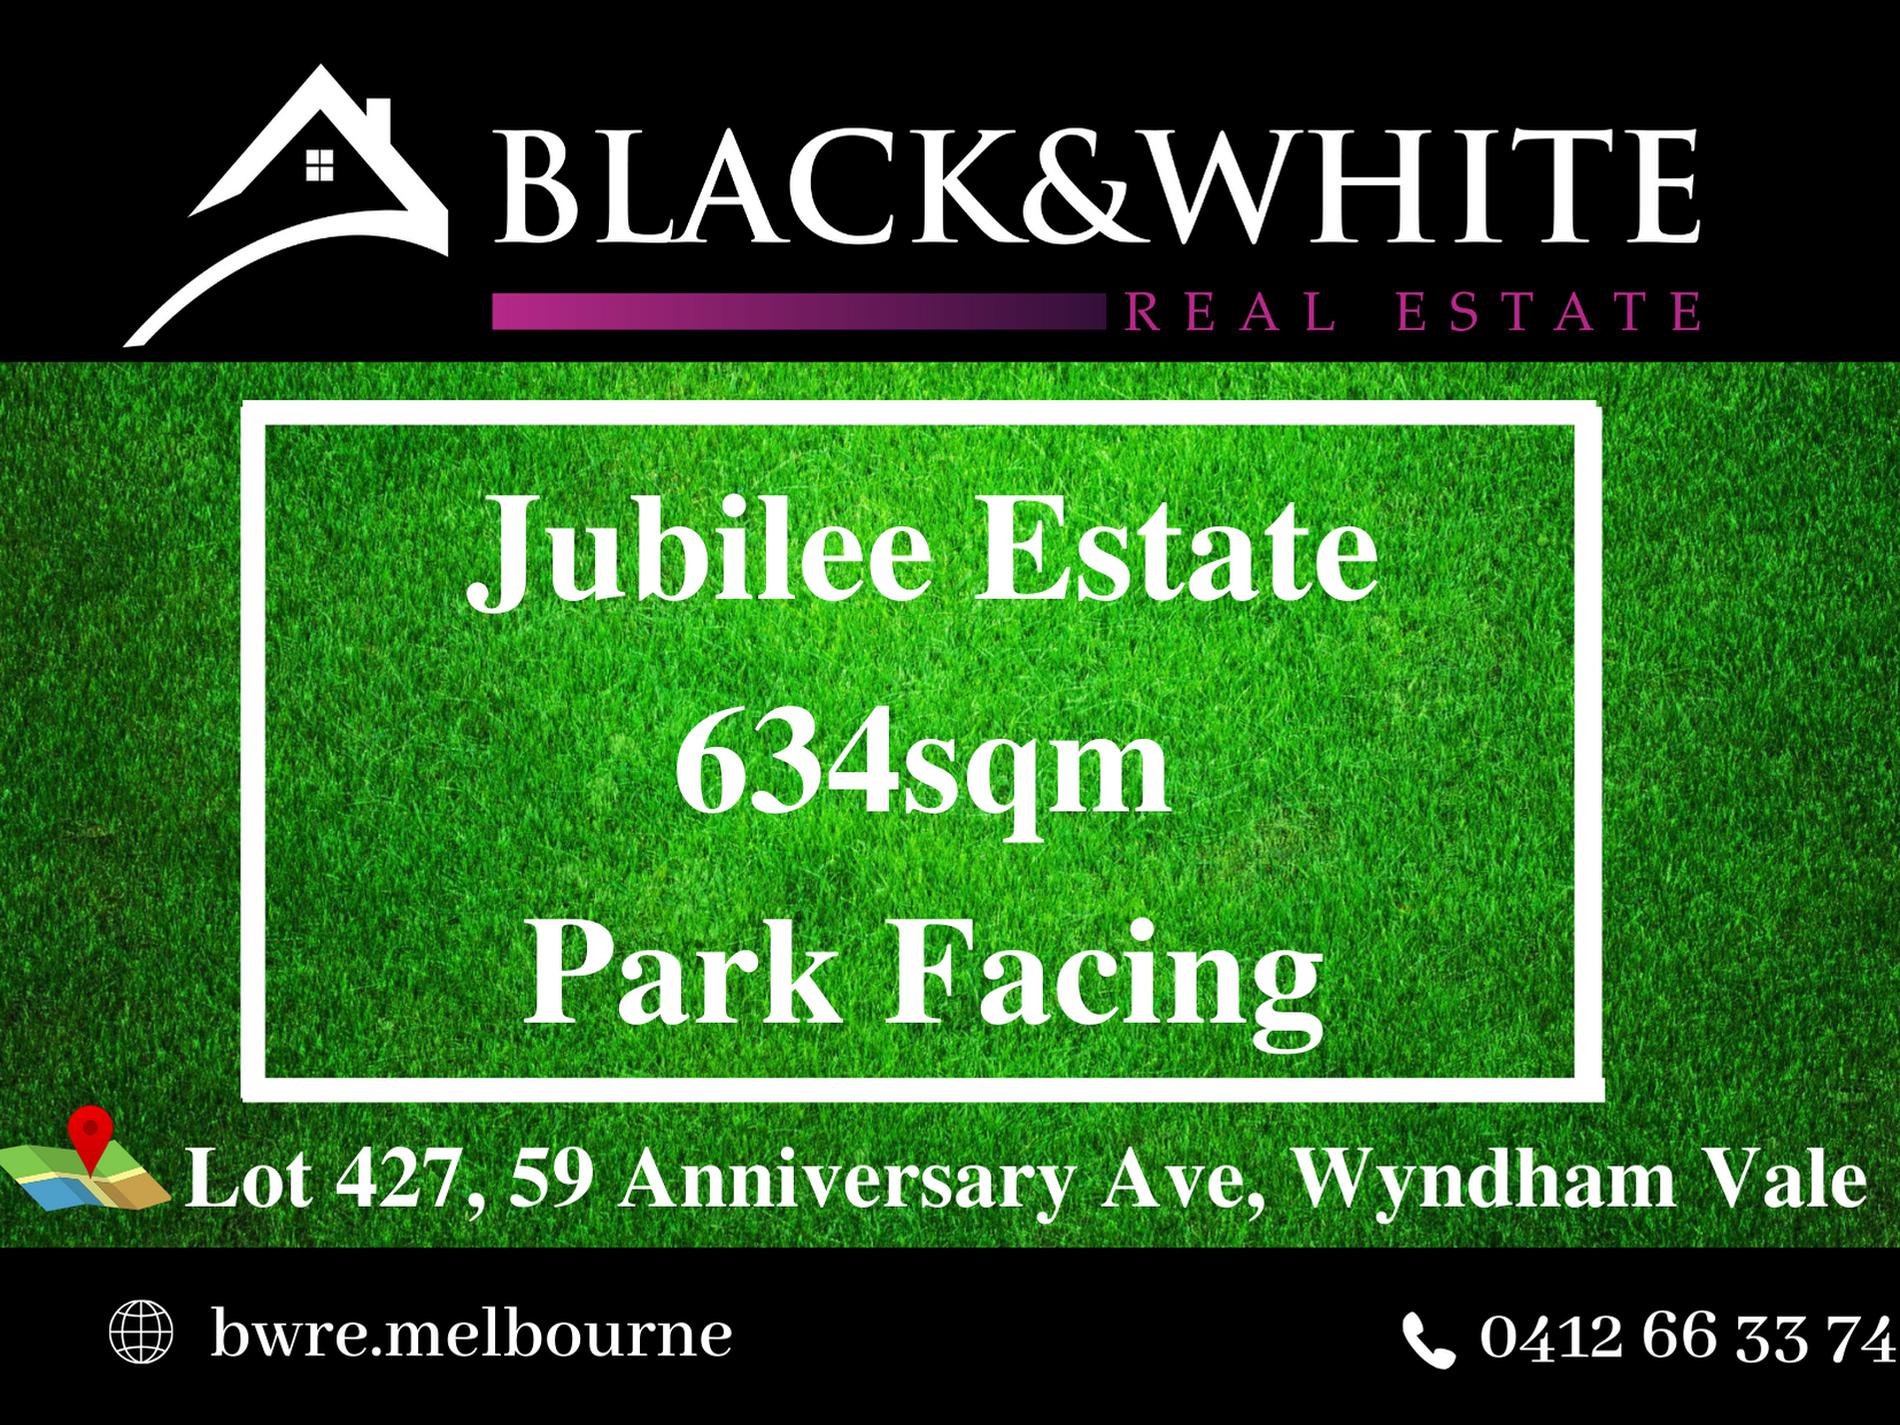 59 Anniversary Avenue, Wyndham Vale